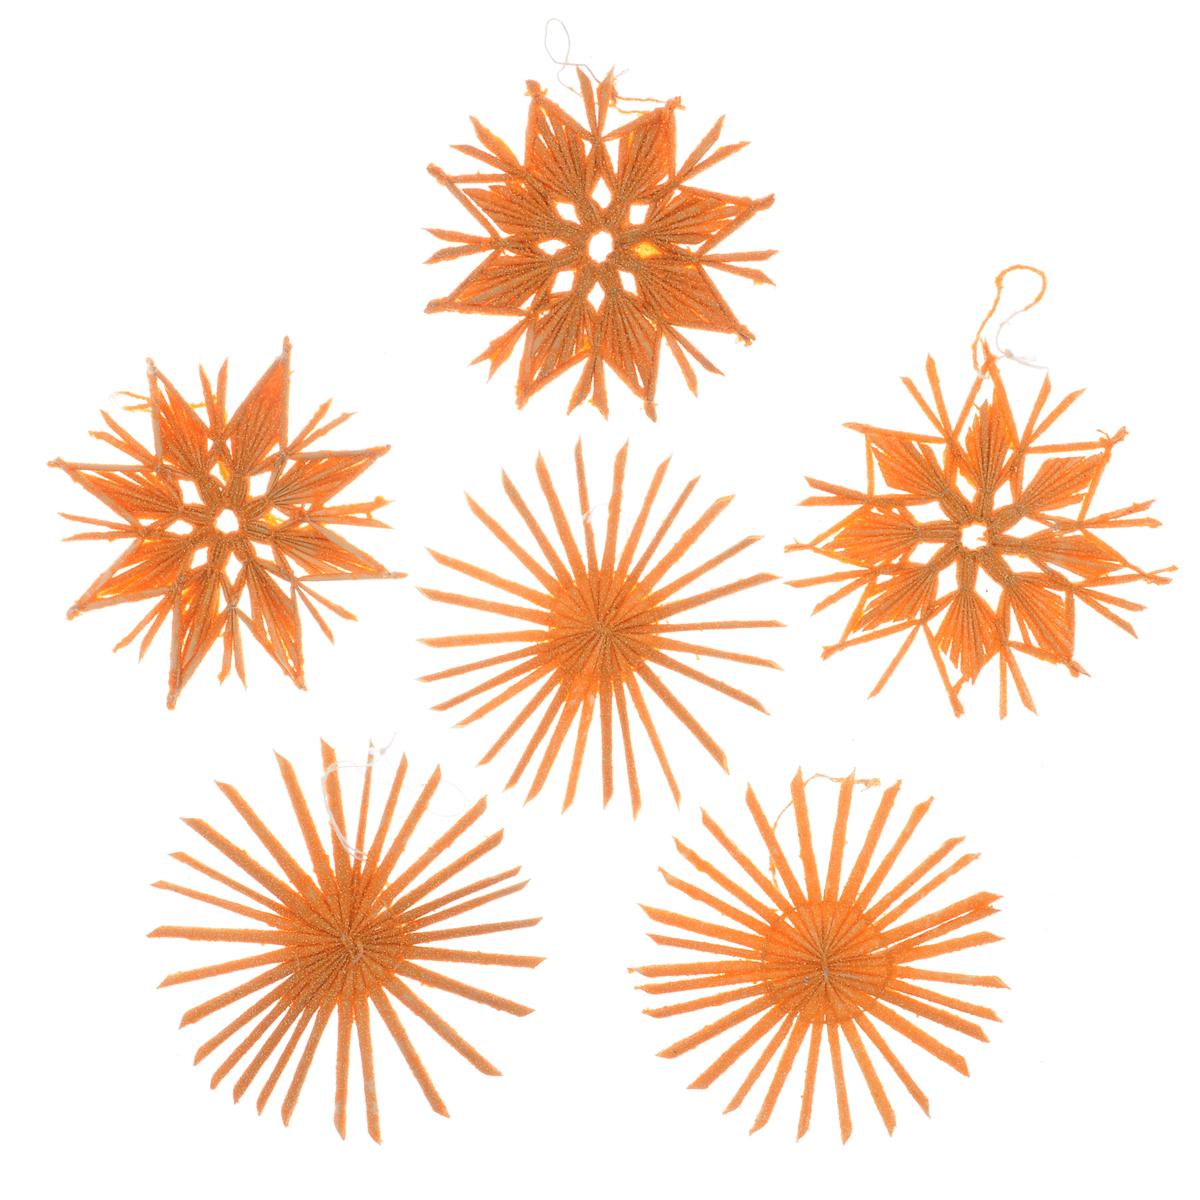 Набор новогодних подвесных украшений Феникс-презент Звезды, цвет: оранжевый, 6 шт38204Стильный набор Феникс-презент Звезды, состоящий из 6 новогоднихподвесных украшений, отлично подойдет для декорации вашего дома и новогодней ели. Изделия выполнены из соломы в виде звездочек, оформленных блестками. Украшения имеют специальные петельки для подвешивания.Вы можете преподнести этот милый подарок с наилучшими пожеланиями счастья в предстоящемгоду. Новогодние украшения всегда несут в себе волшебство и красоту праздника. Создайте в своемдоме атмосферу тепла, веселья и радости, украшая его всей семьей.